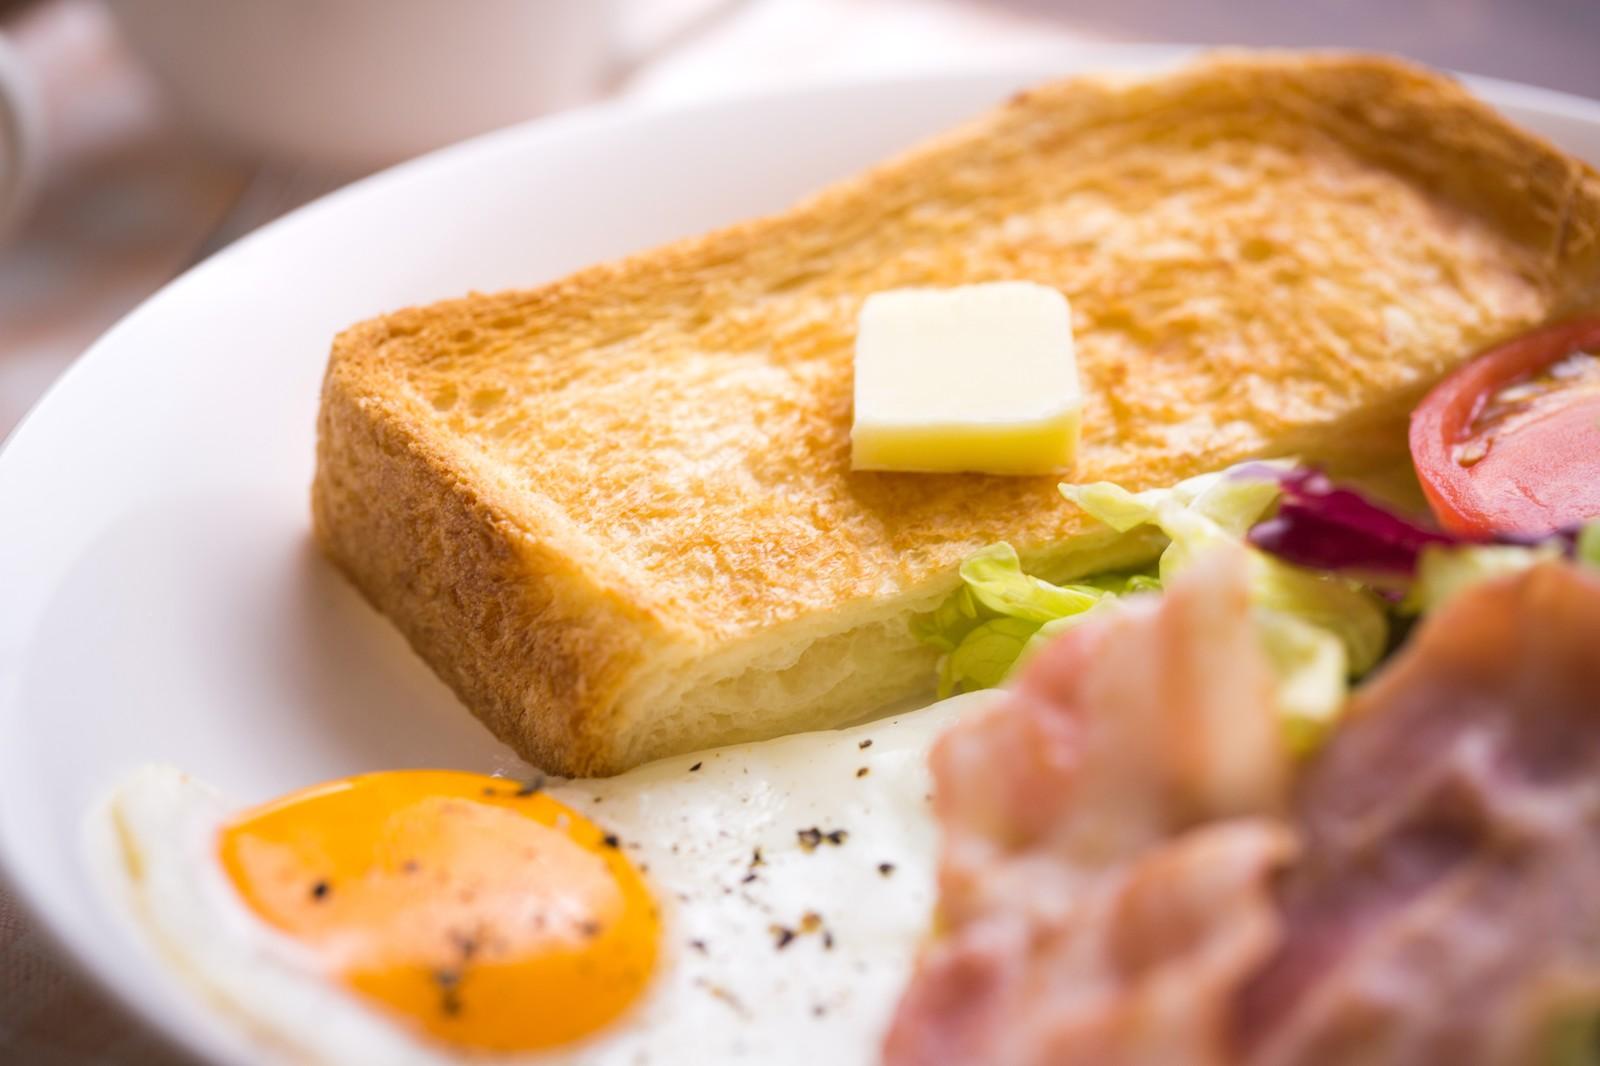 食品添加物の正しい知識を身につけよう!特に注意したい食品添加物5つ